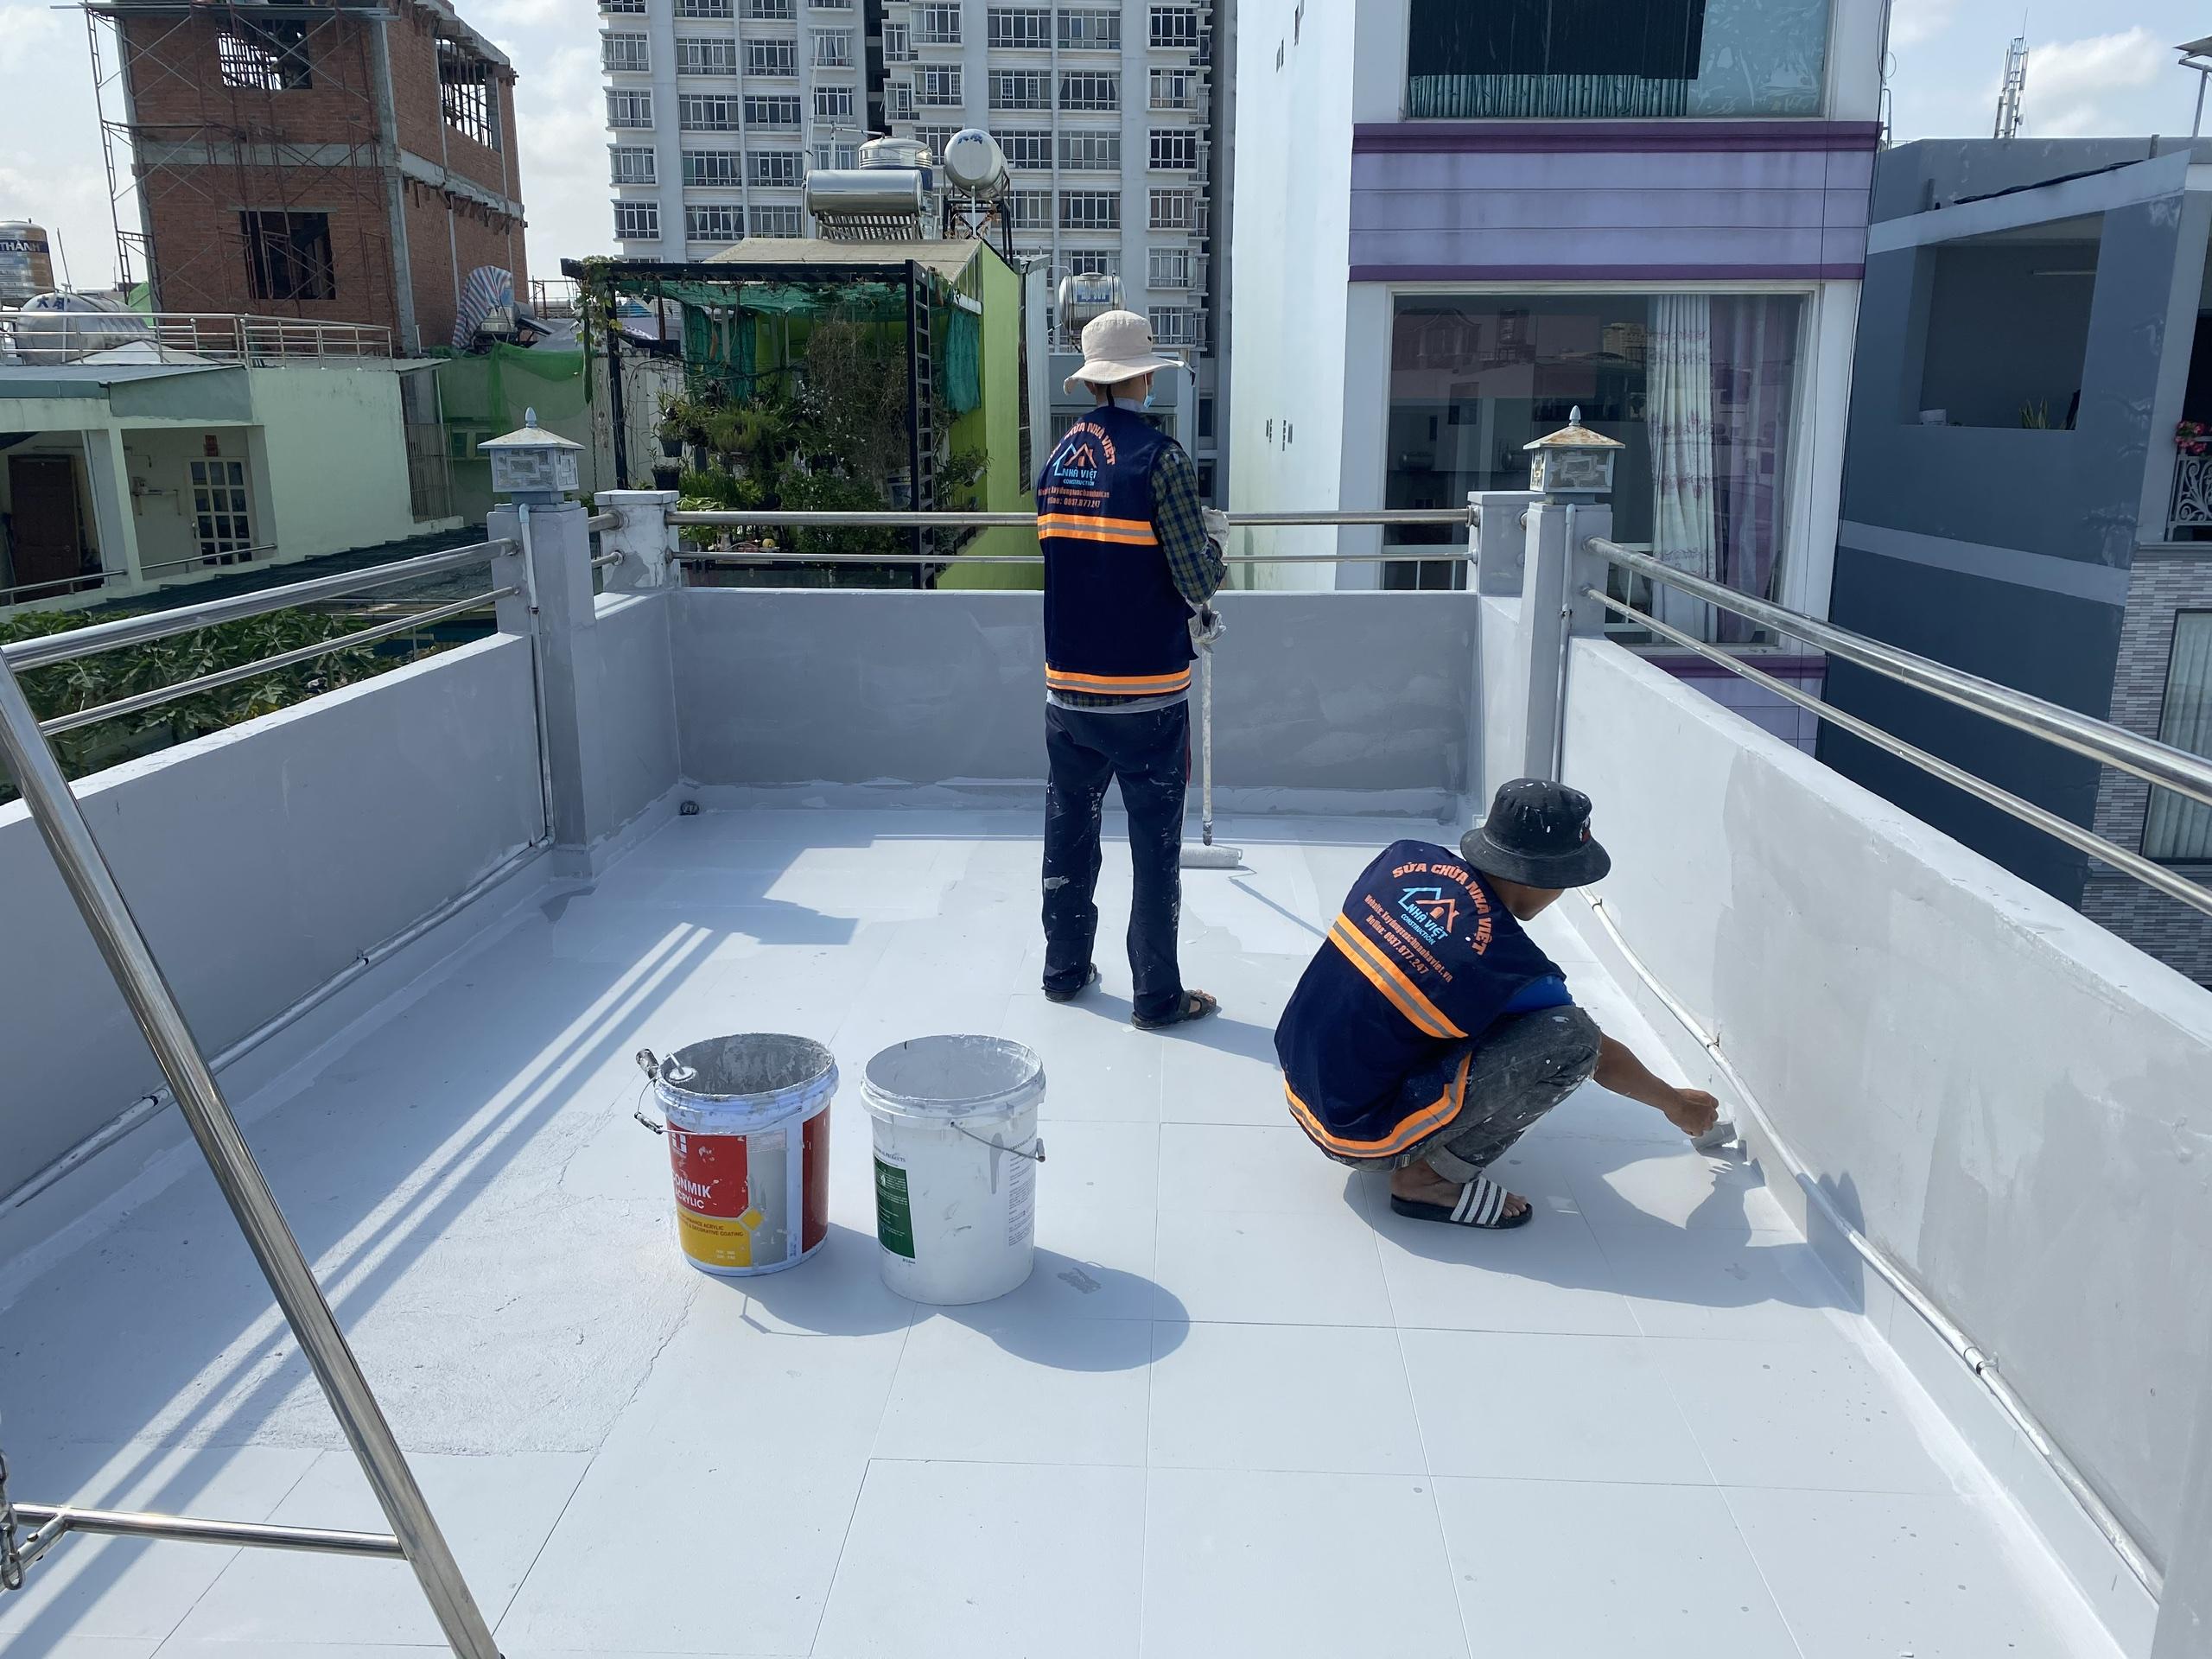 vat lieu chong tham san thuong 10 - 5 Vật liệu chống thấm sân thượng tốt nhất đảm bảo chất lượng hiện nay